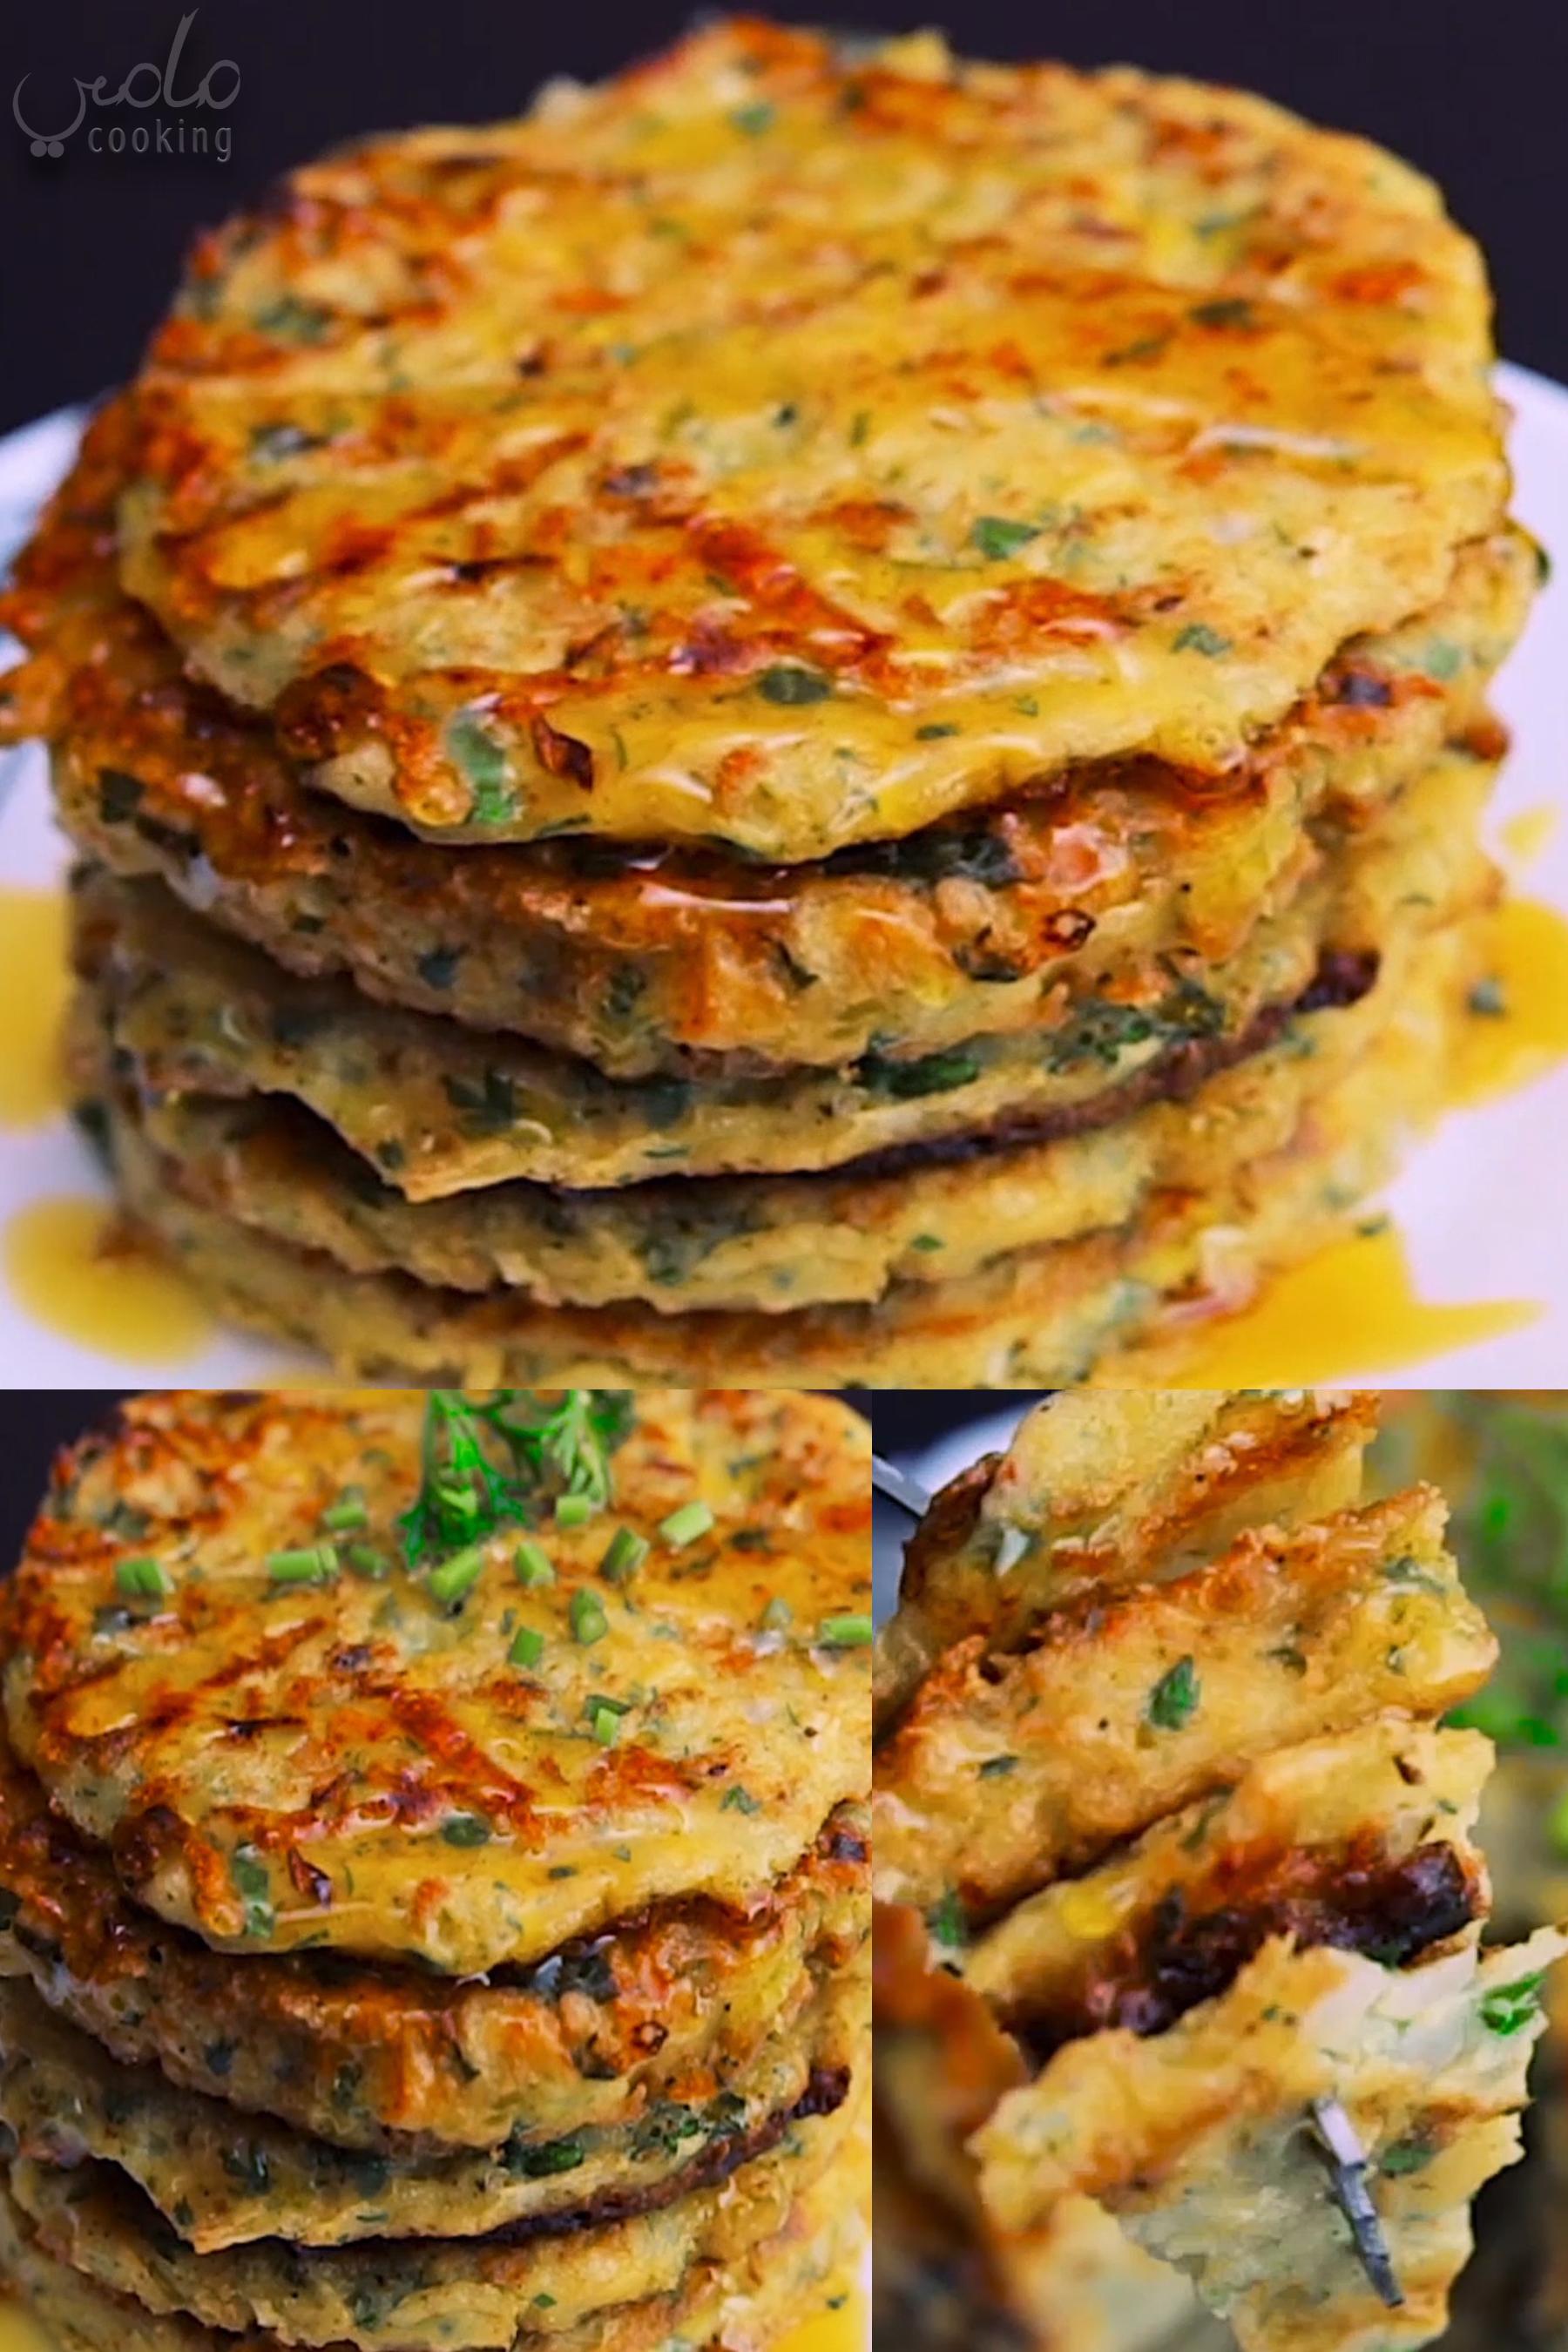 بطاطس بالجبن سهلة وسريعة التحضير Cheese Potatoes Dinner Food